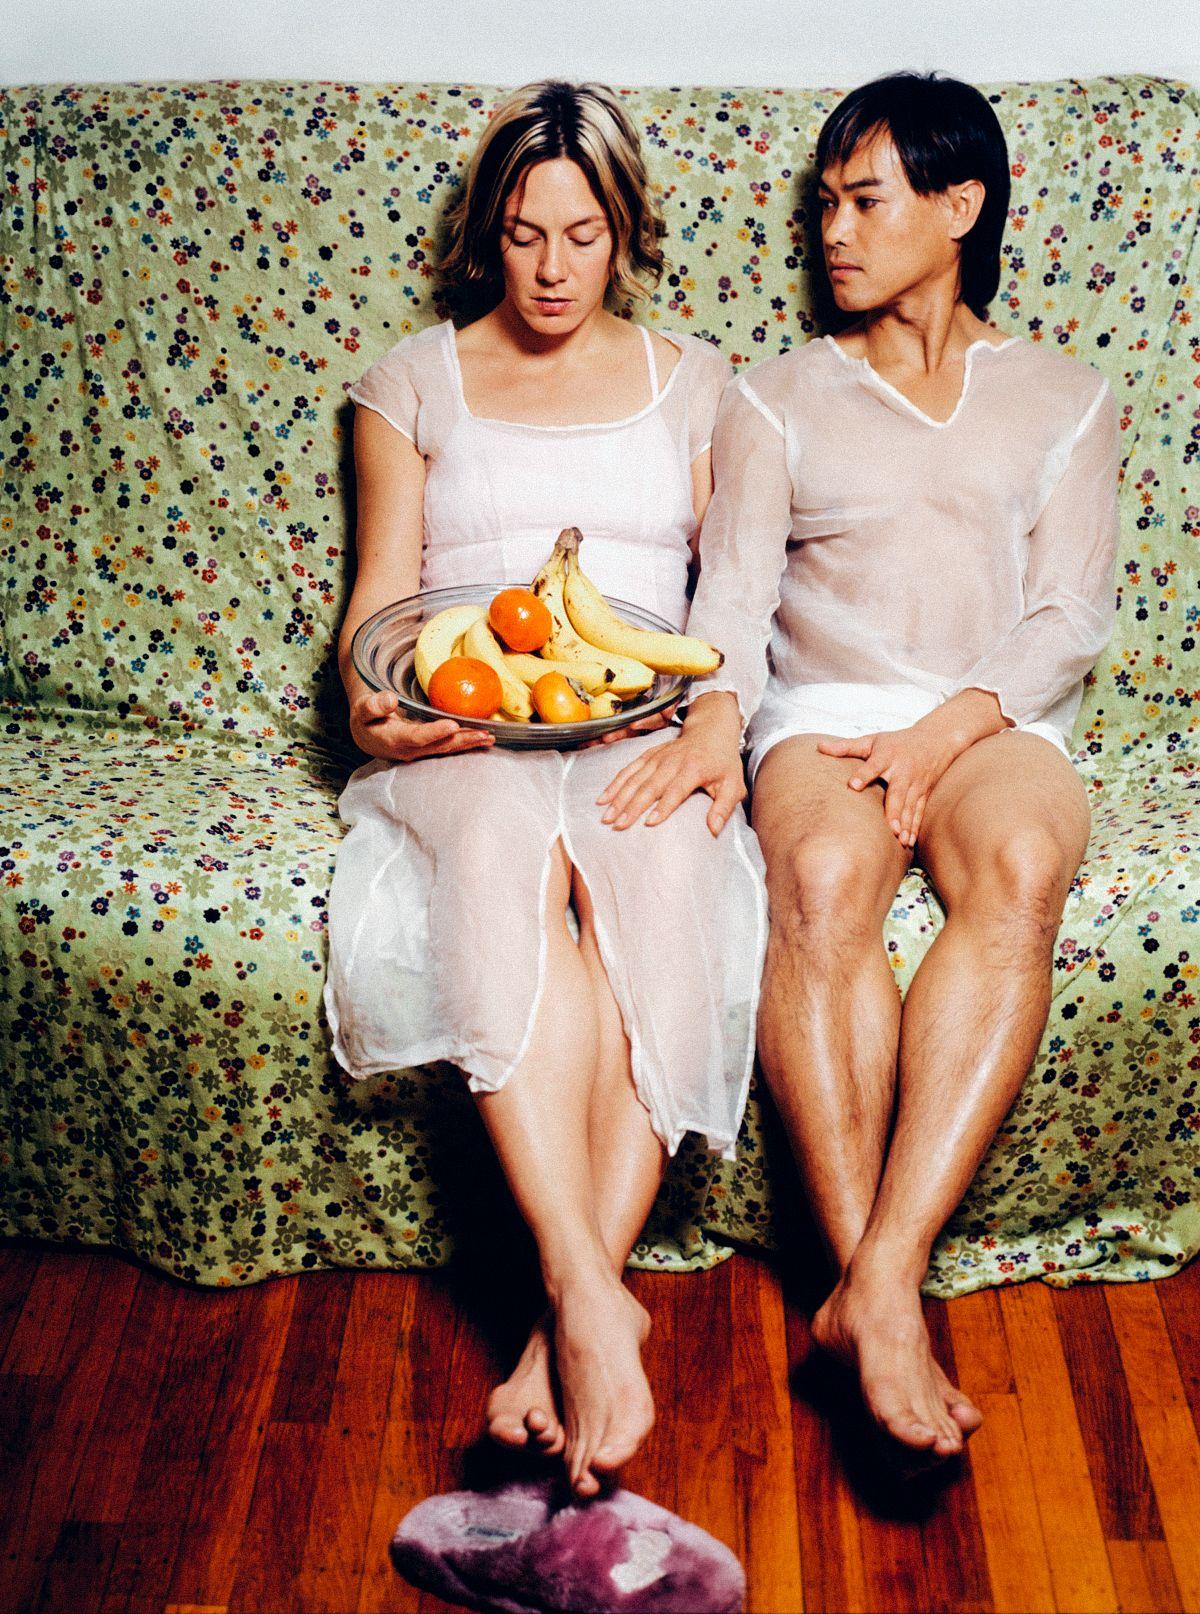 Von and Jen-.jpg